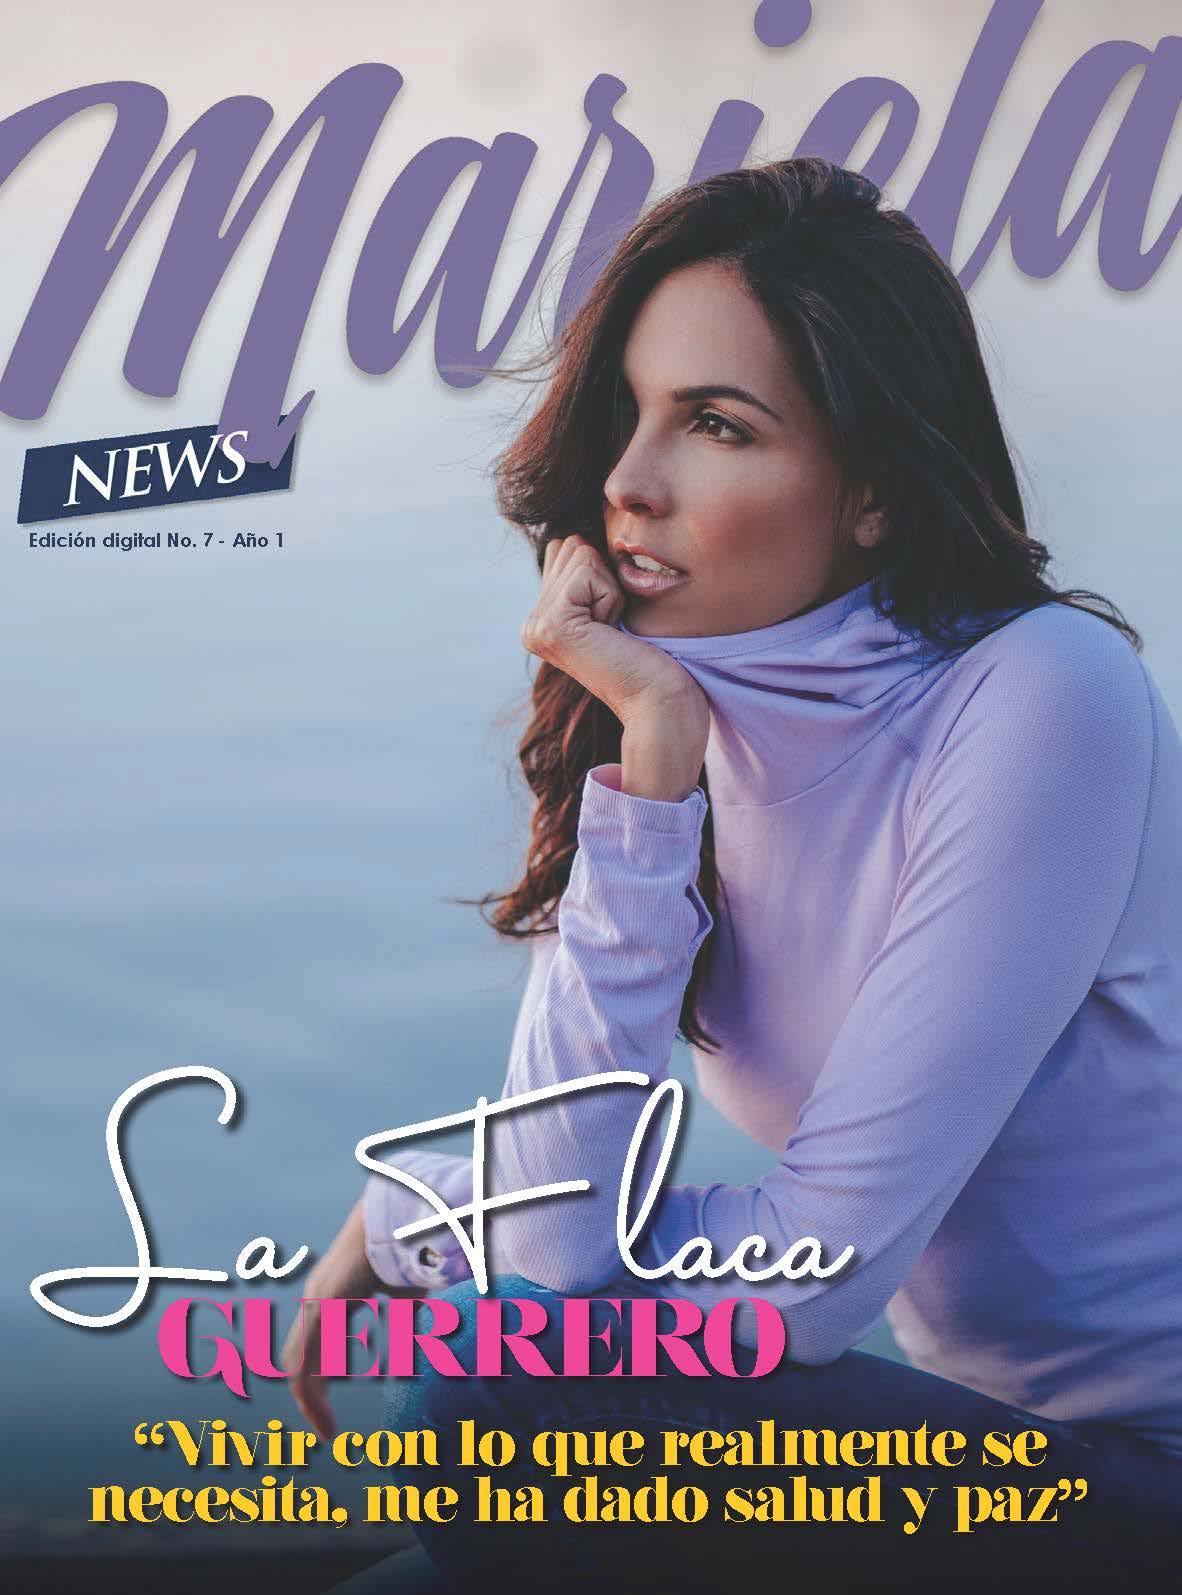 Revista Mariela News 07